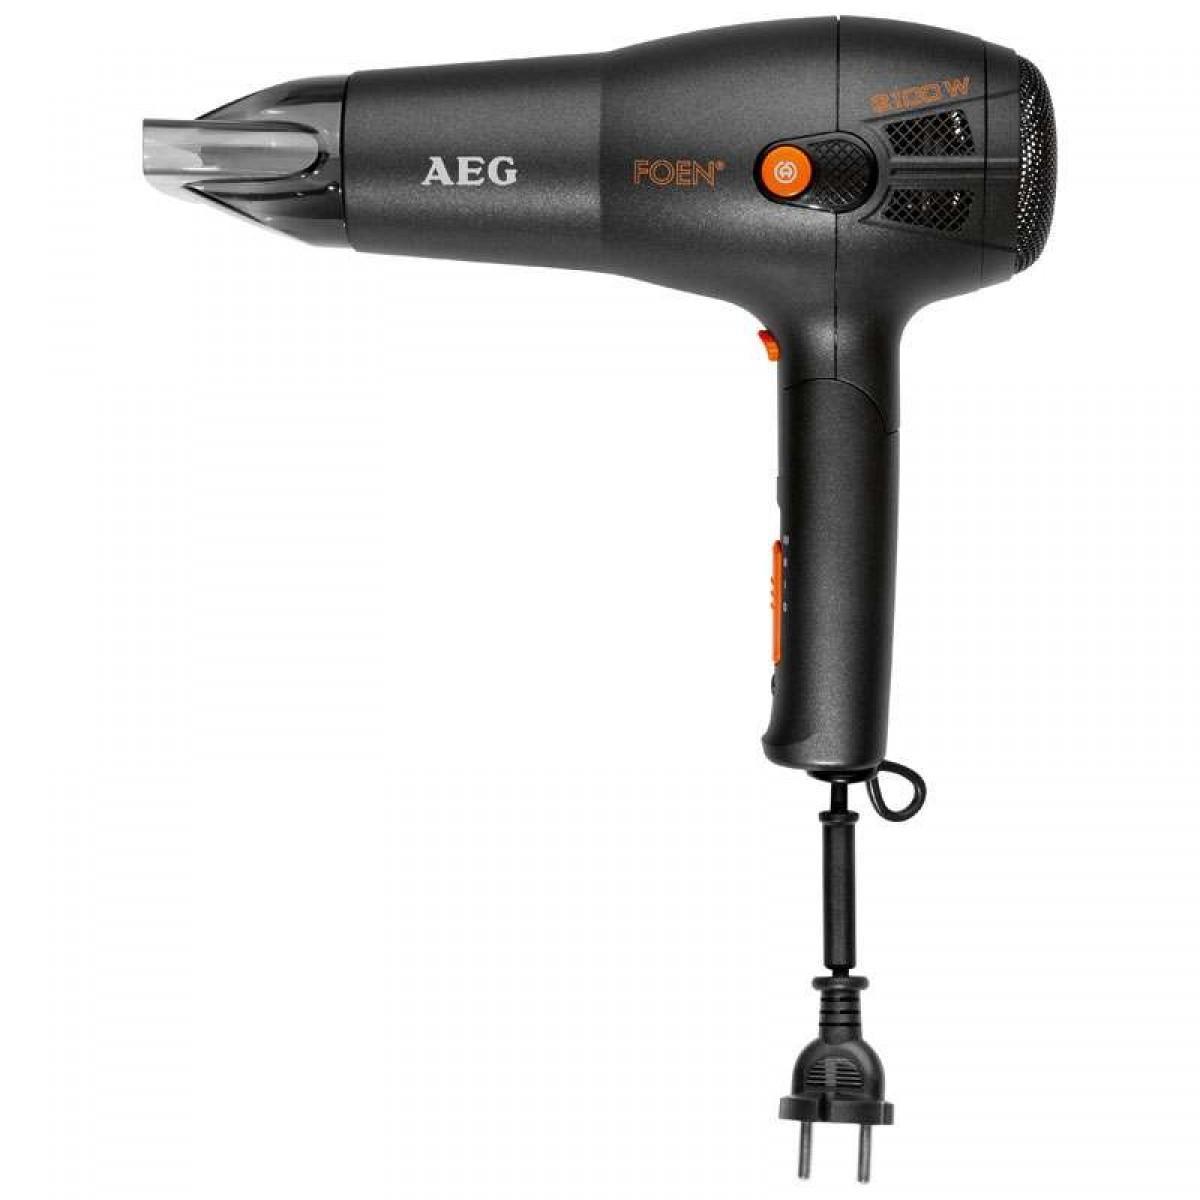 Фен AEG HT 5650 Ionic, Black цена